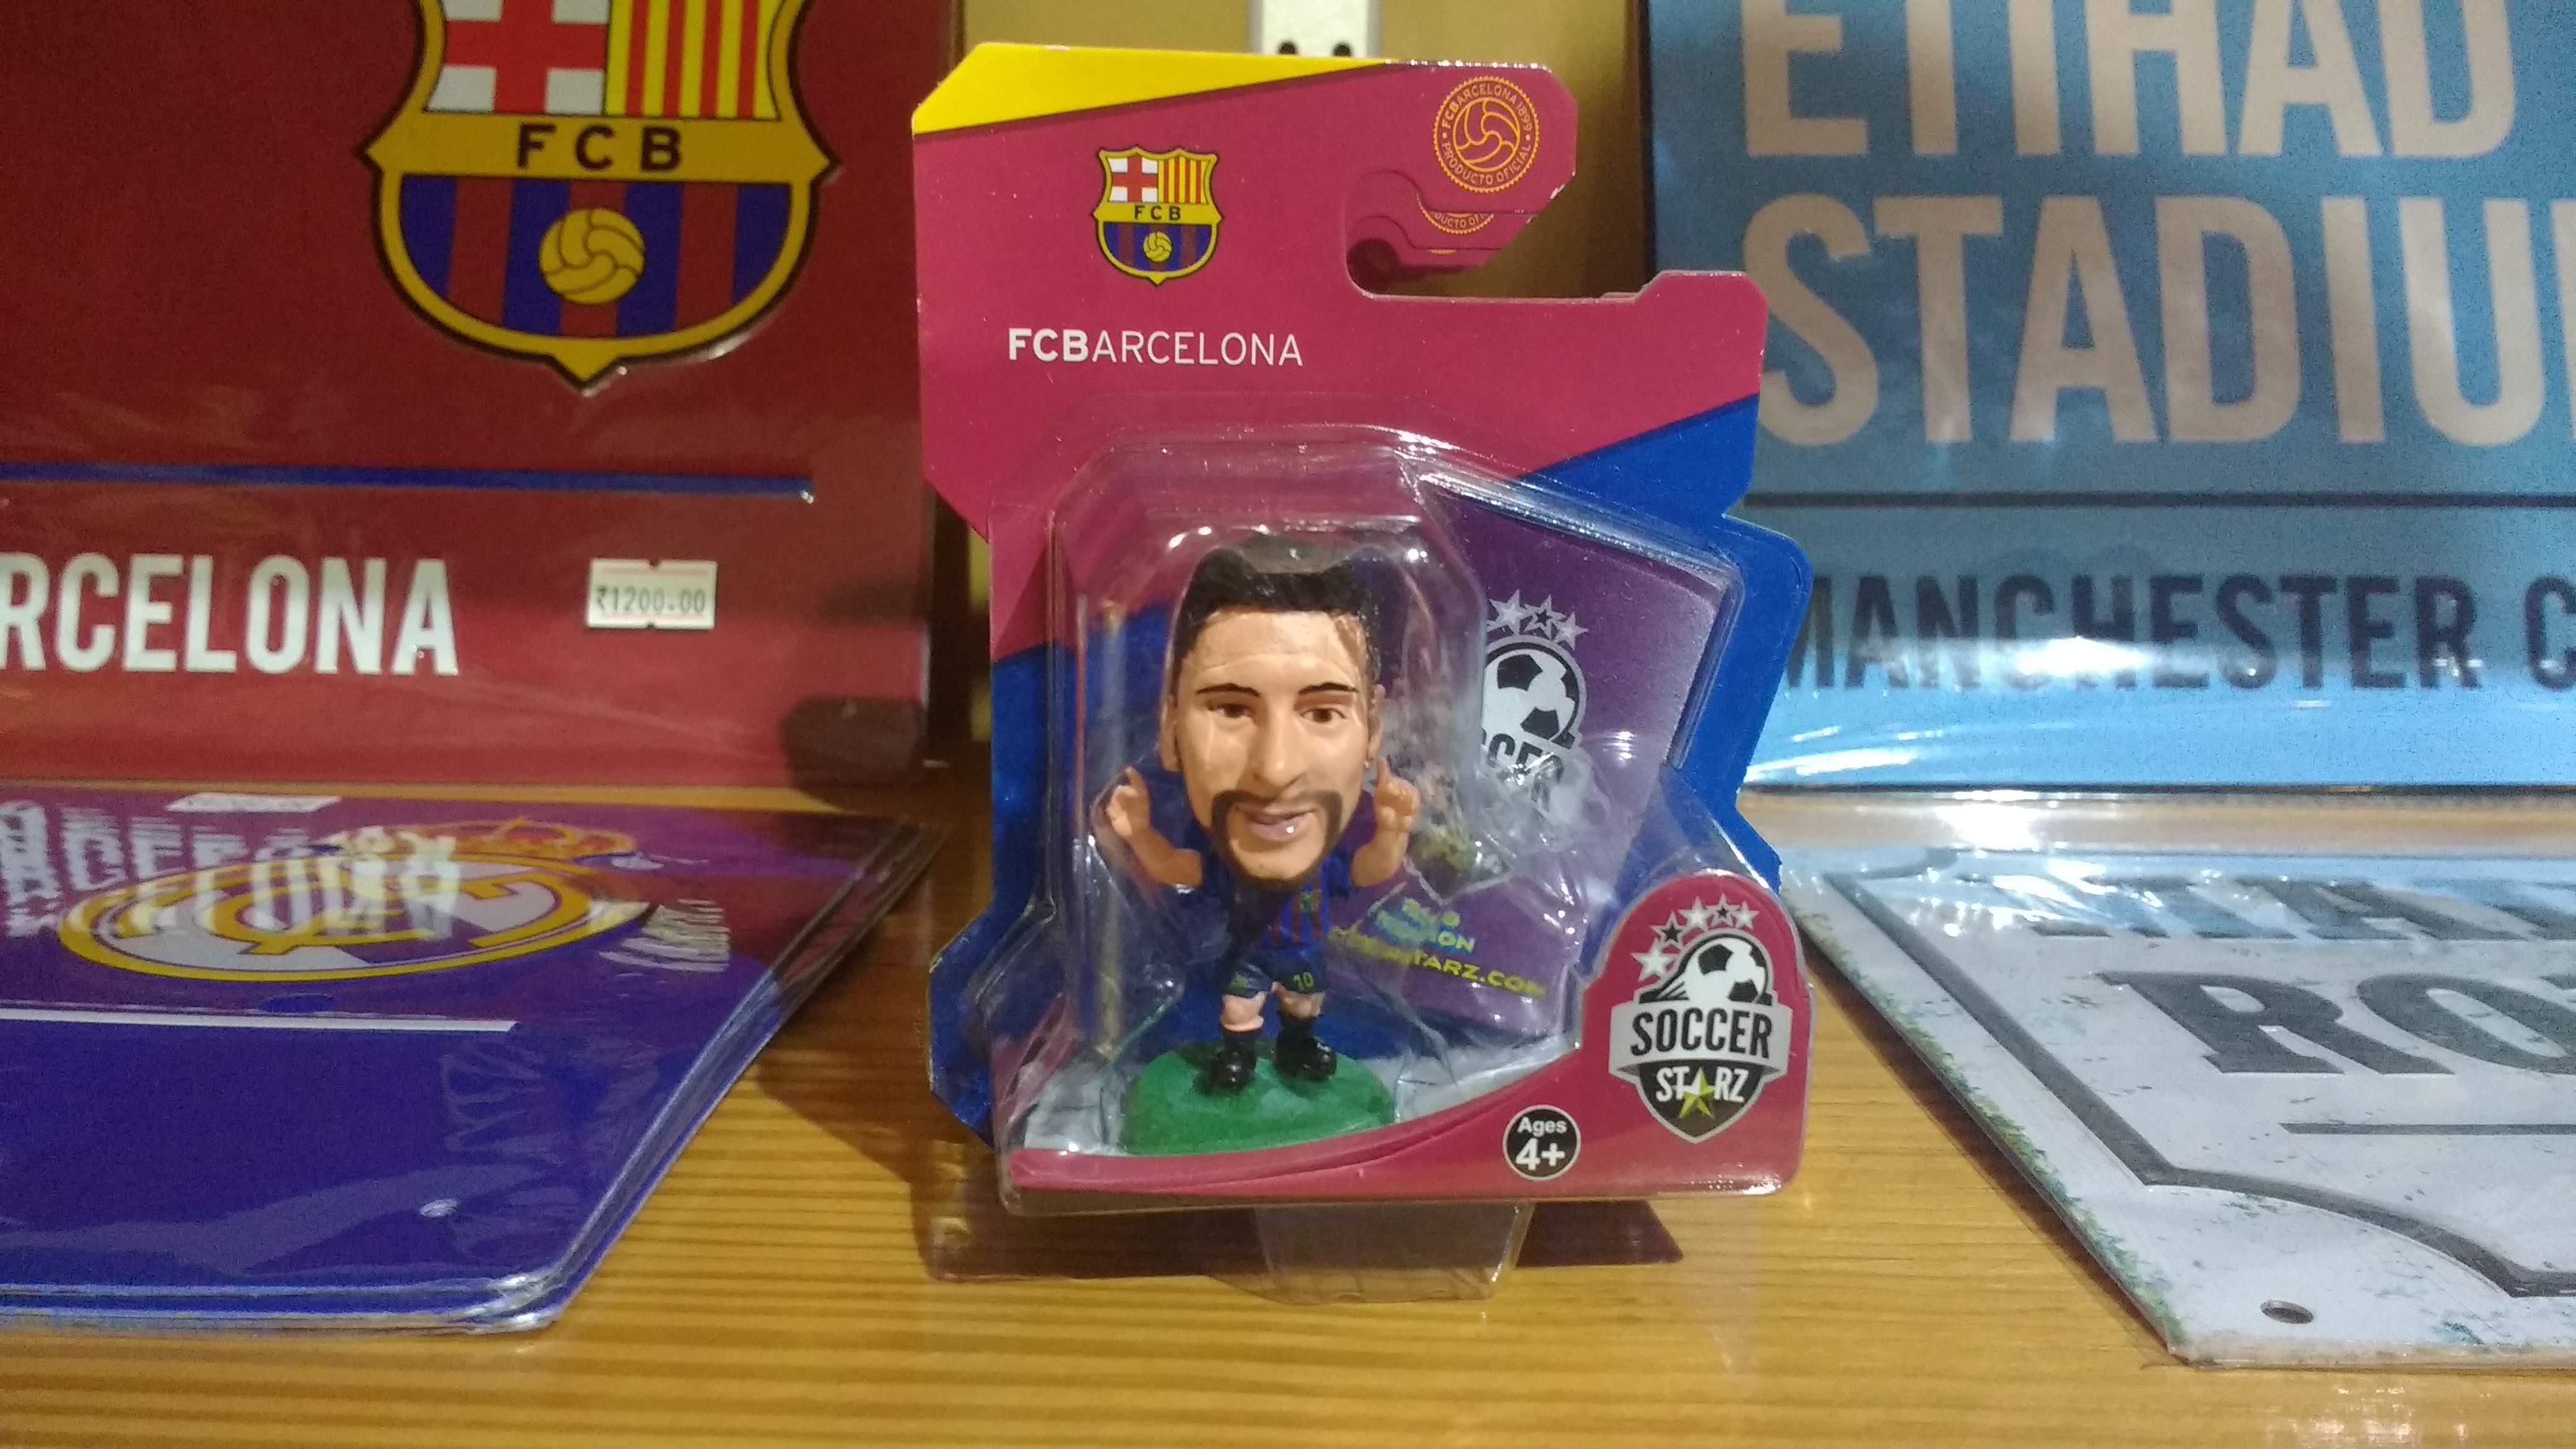 Soccerstarz, Messi 2019